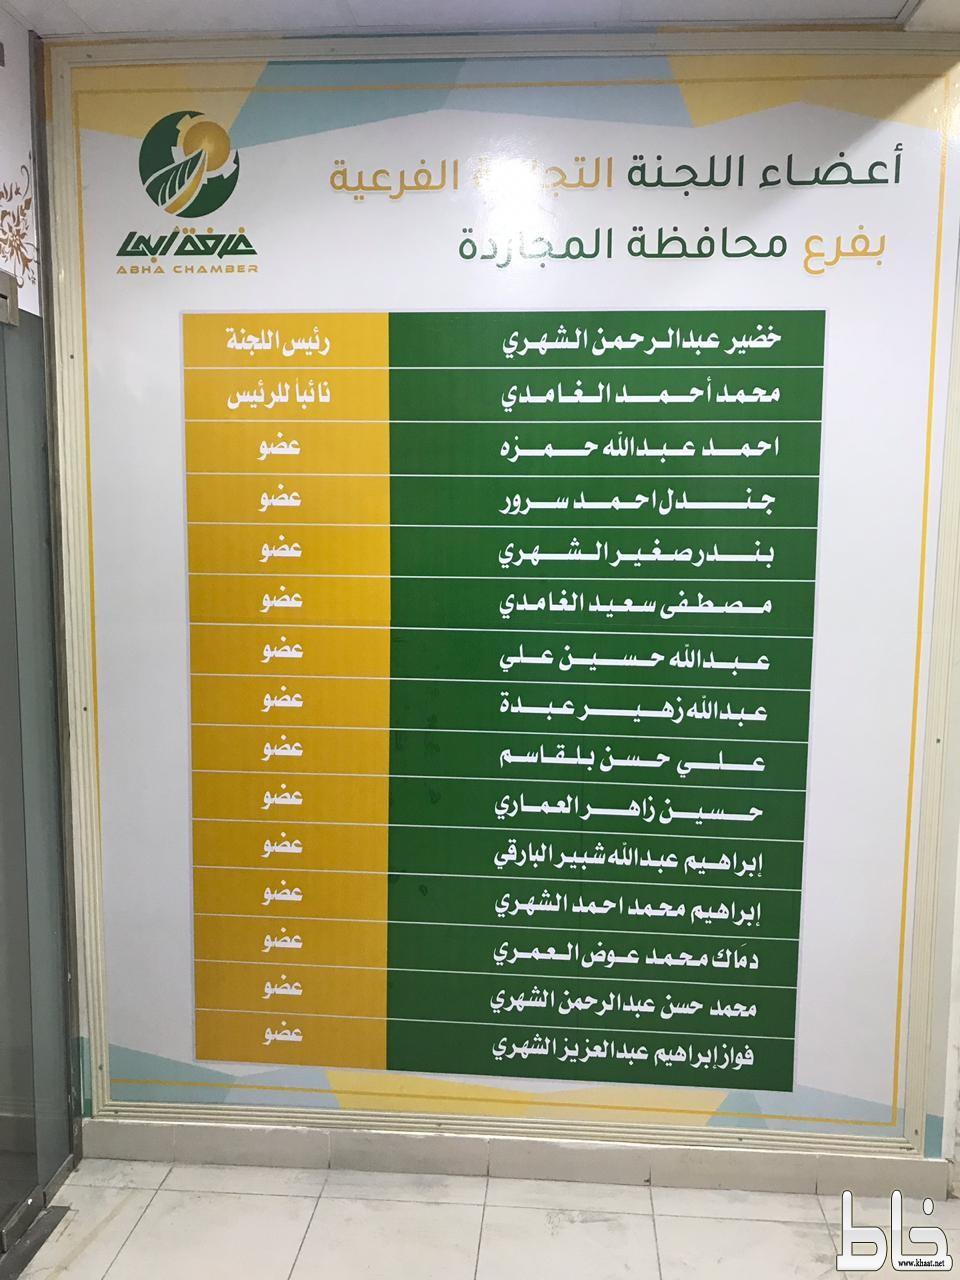 الغرفة التجارية بالمجاردة تضع أسماء أعضاء اللجنة التجارية في المدخل الرئيسي